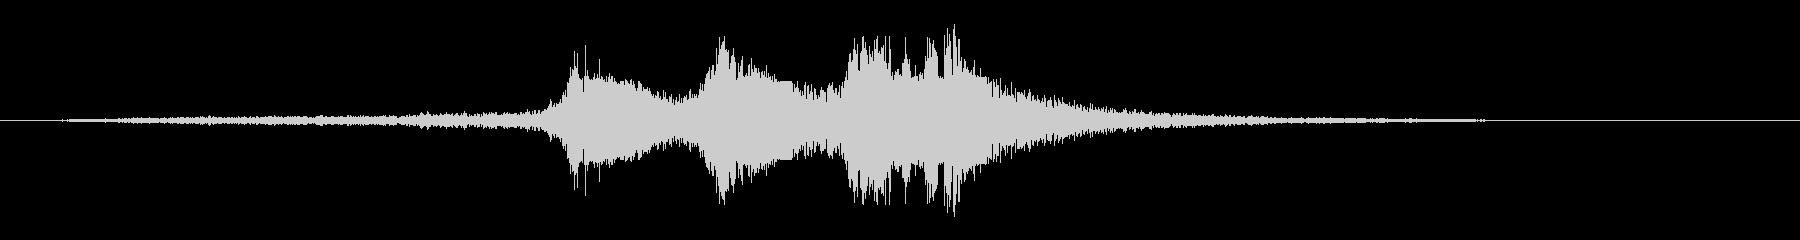 ビンテージフォーミュラ1; By(...の未再生の波形